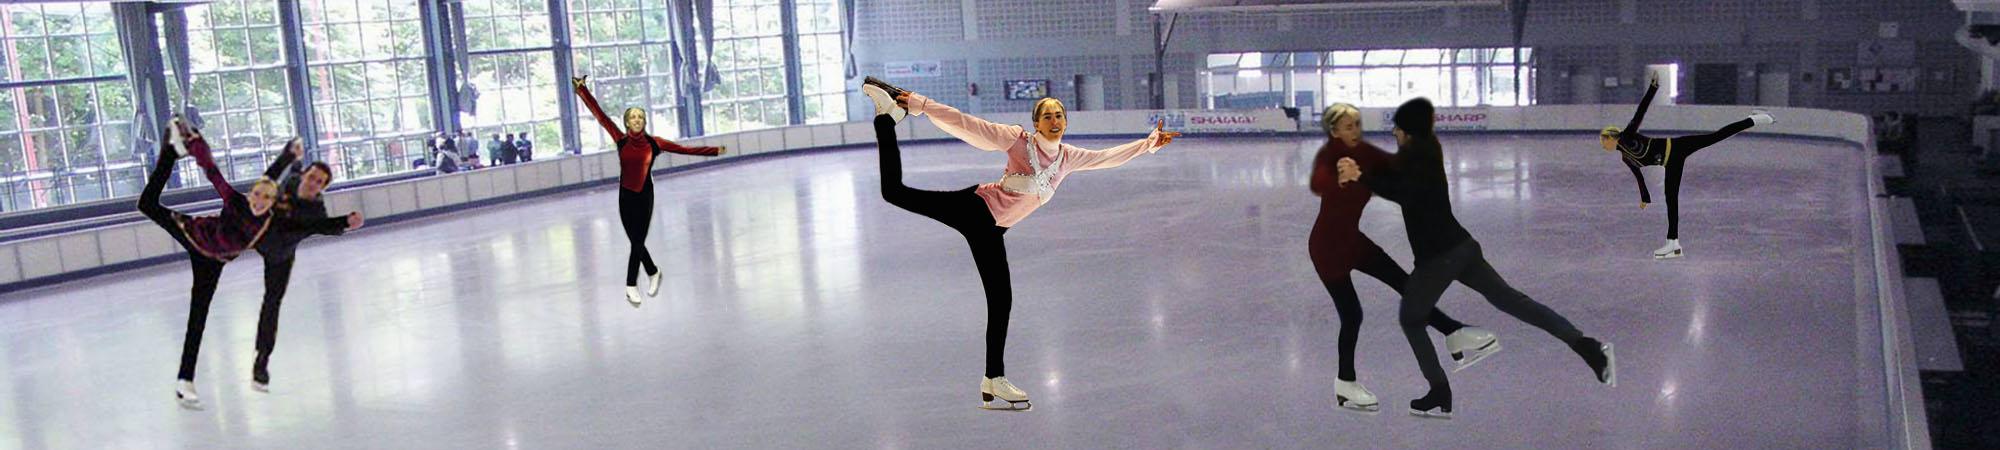 Petra-Skating